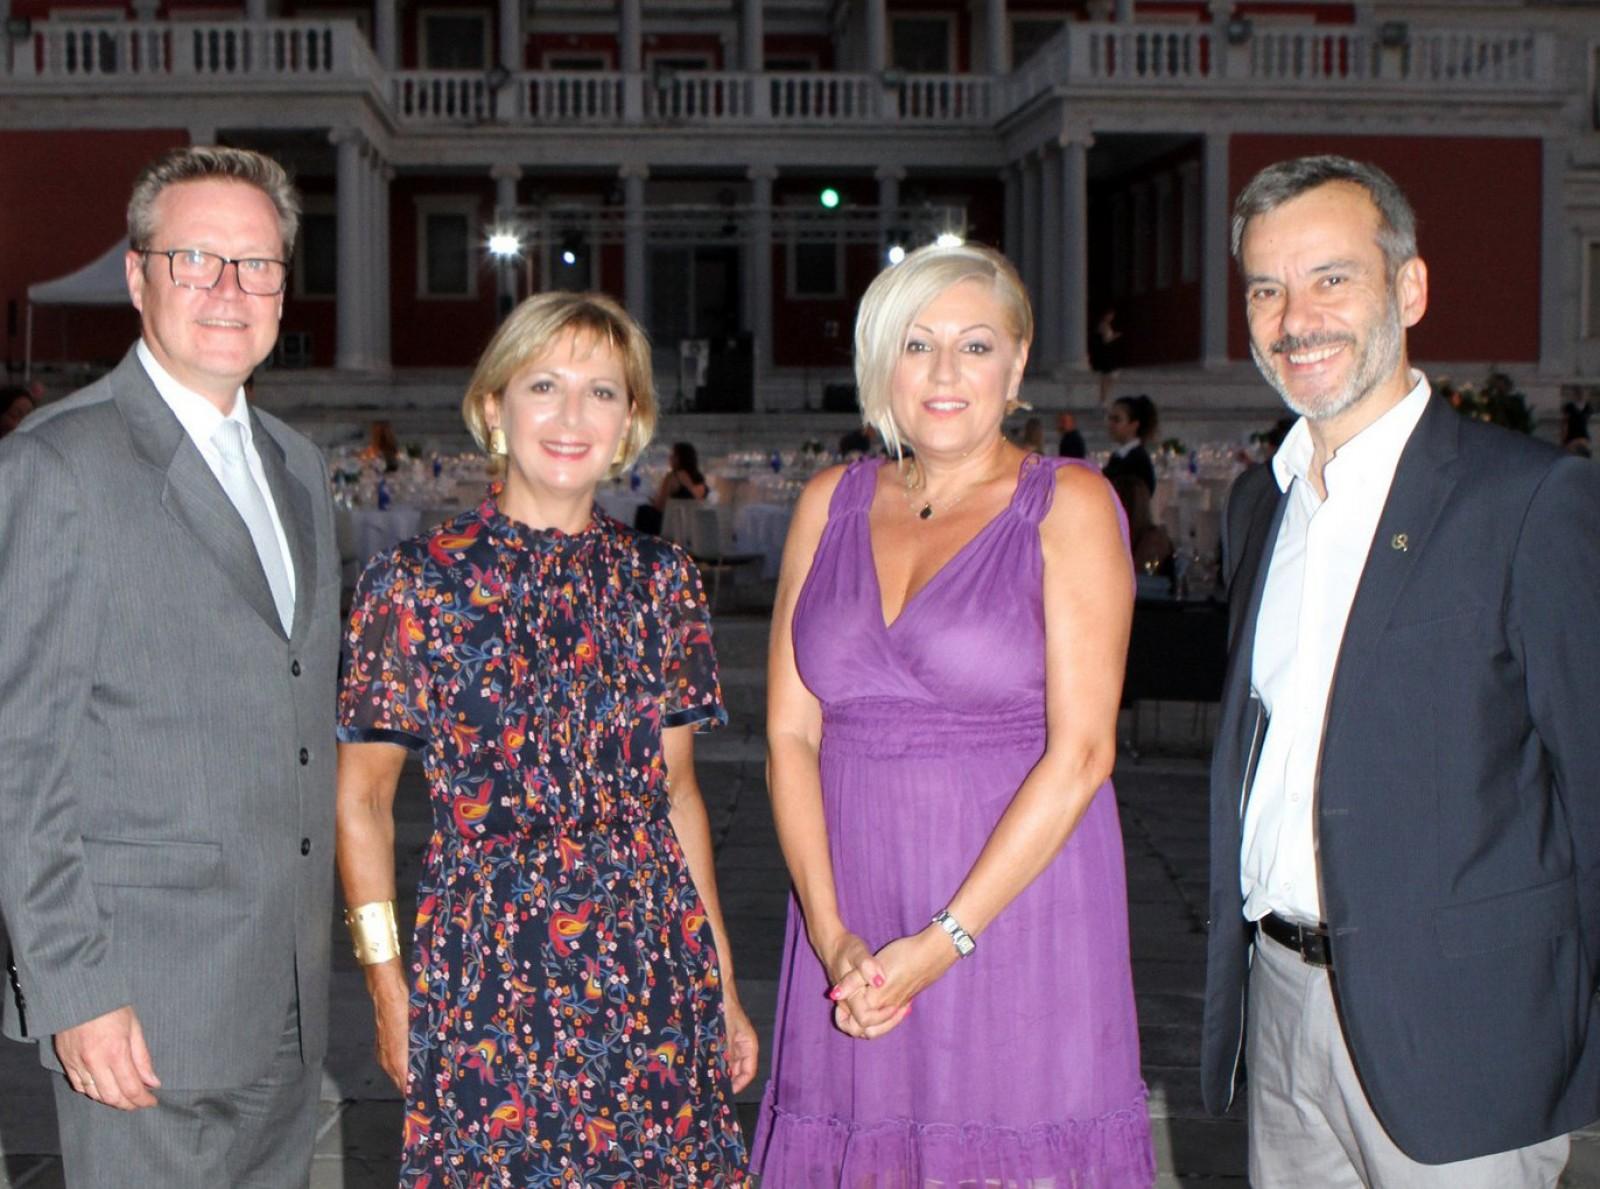 Έκλεισε τη σεζόν με το ετήσιο Gala το Προξενικό Σώμα Θεσσαλονίκης